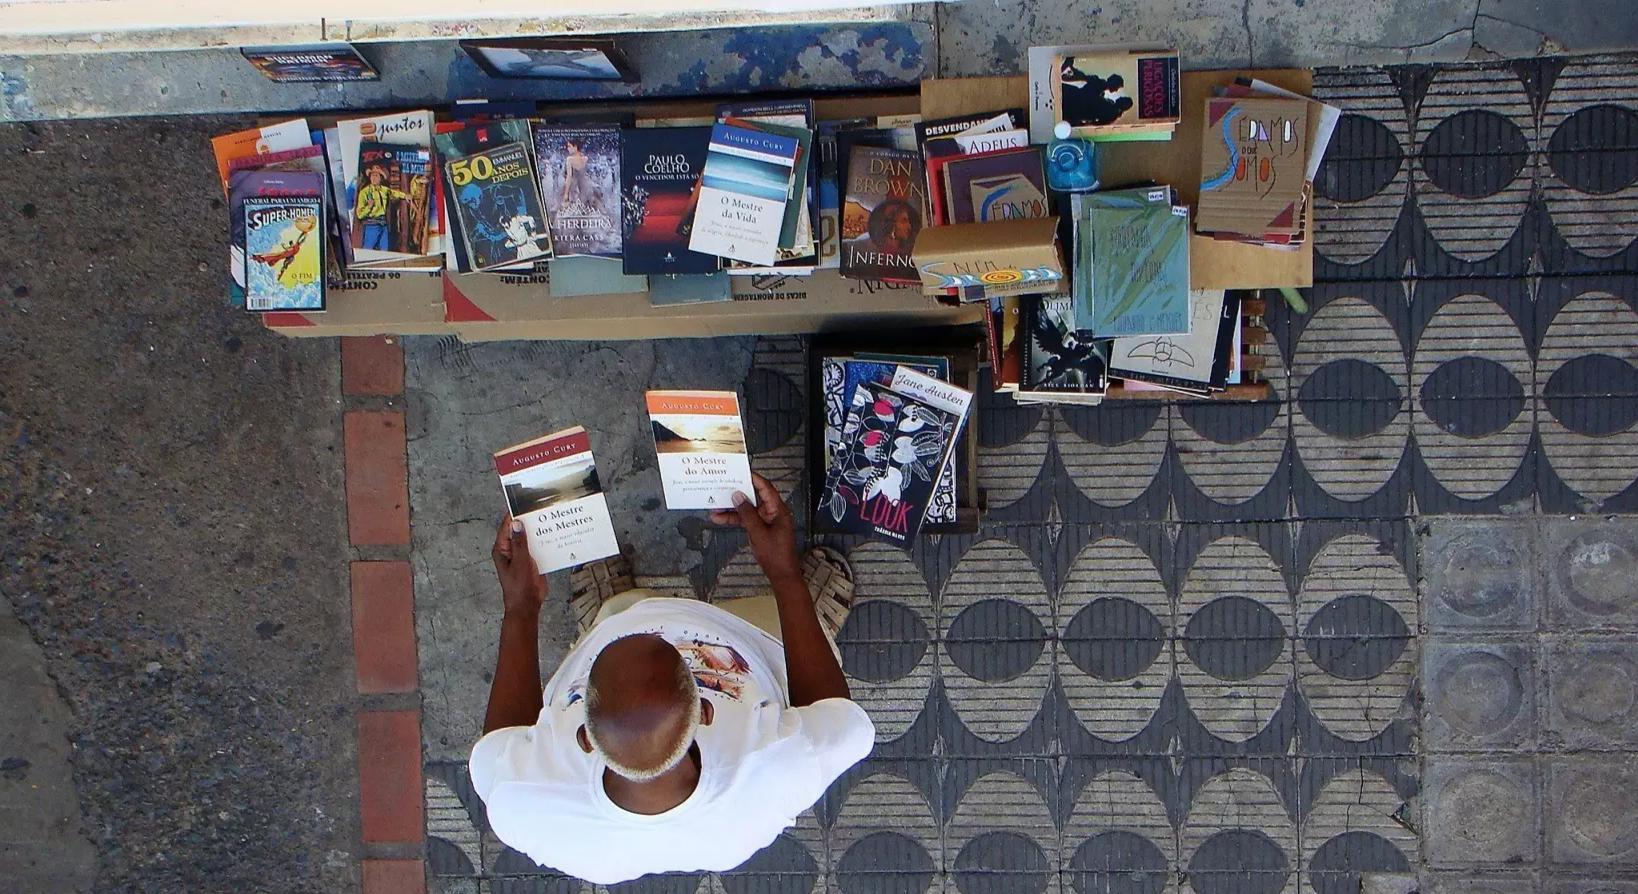 É na frente de sua casa que montou uma venda improvisada ao estilo de sebo (Foto: Arquivo Pessoal)